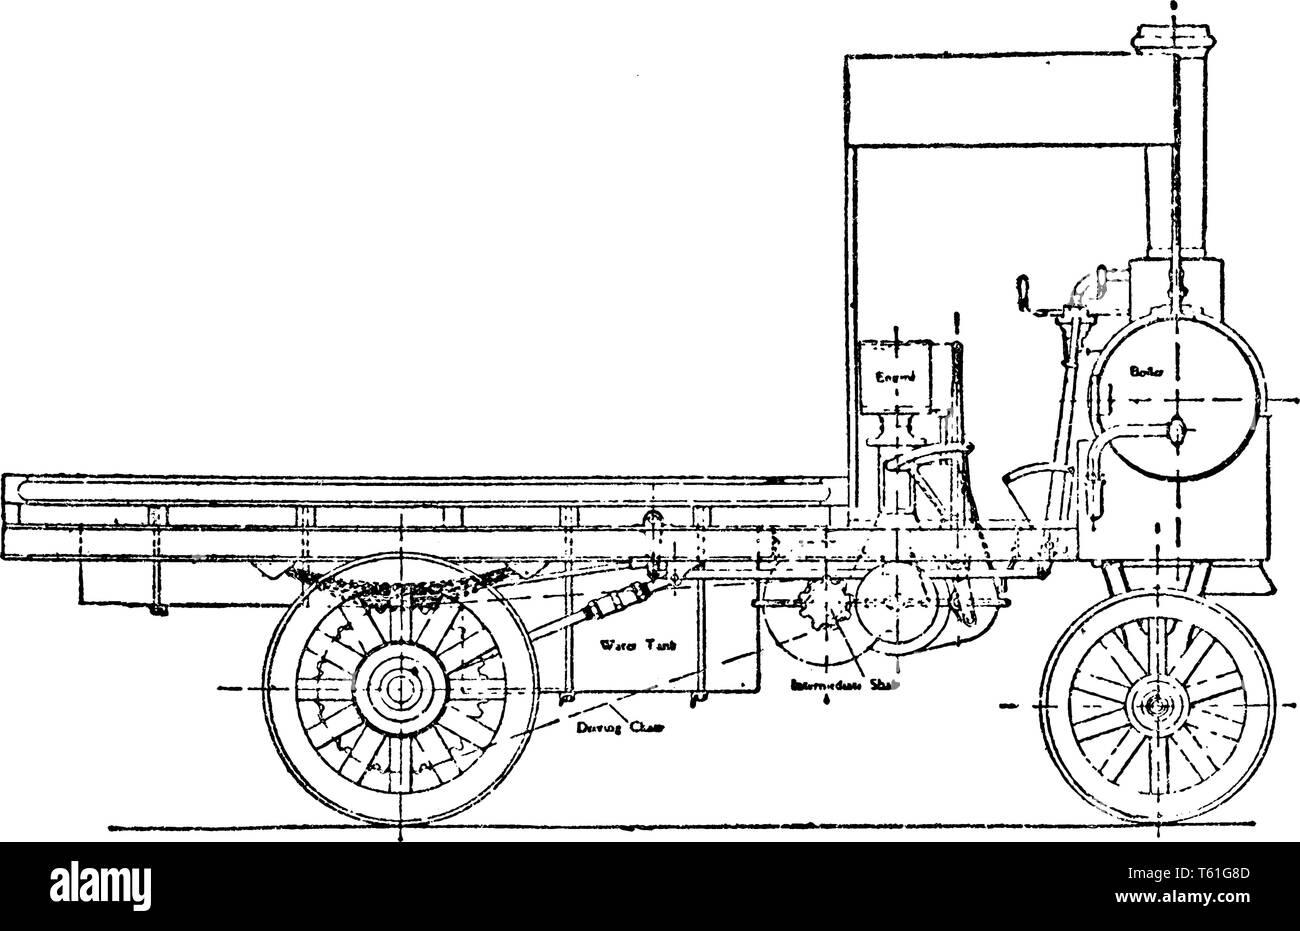 Yorkshire vagón vapor patente con la construcción de calderas, la única línea vintage de dibujo o ilustración de grabado. Ilustración del Vector